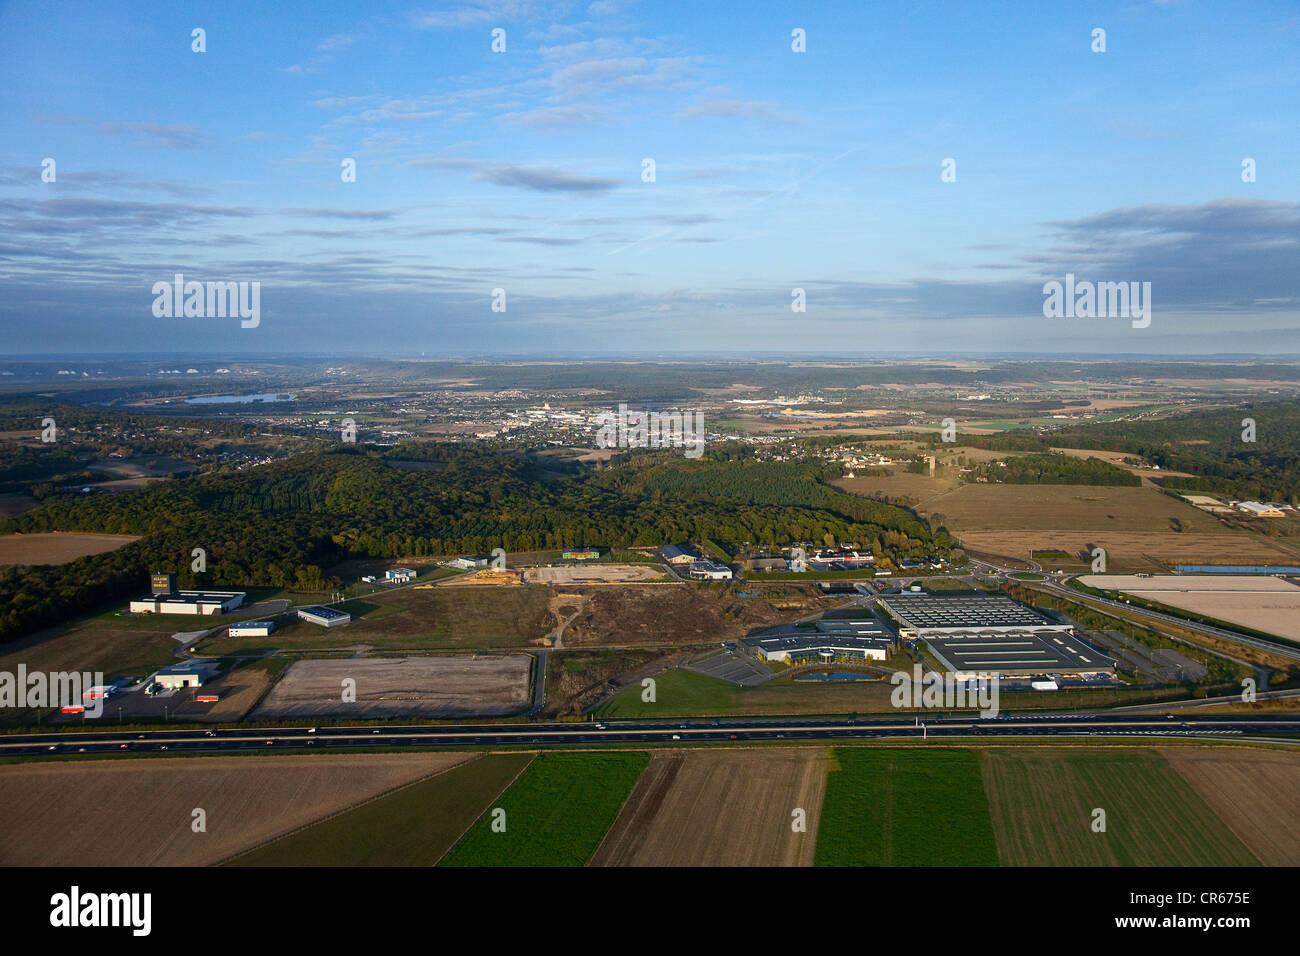 France, Eure, Saint Aubin sur Gaillon, ZA des Champs Chouette (aerial view) - Stock Image